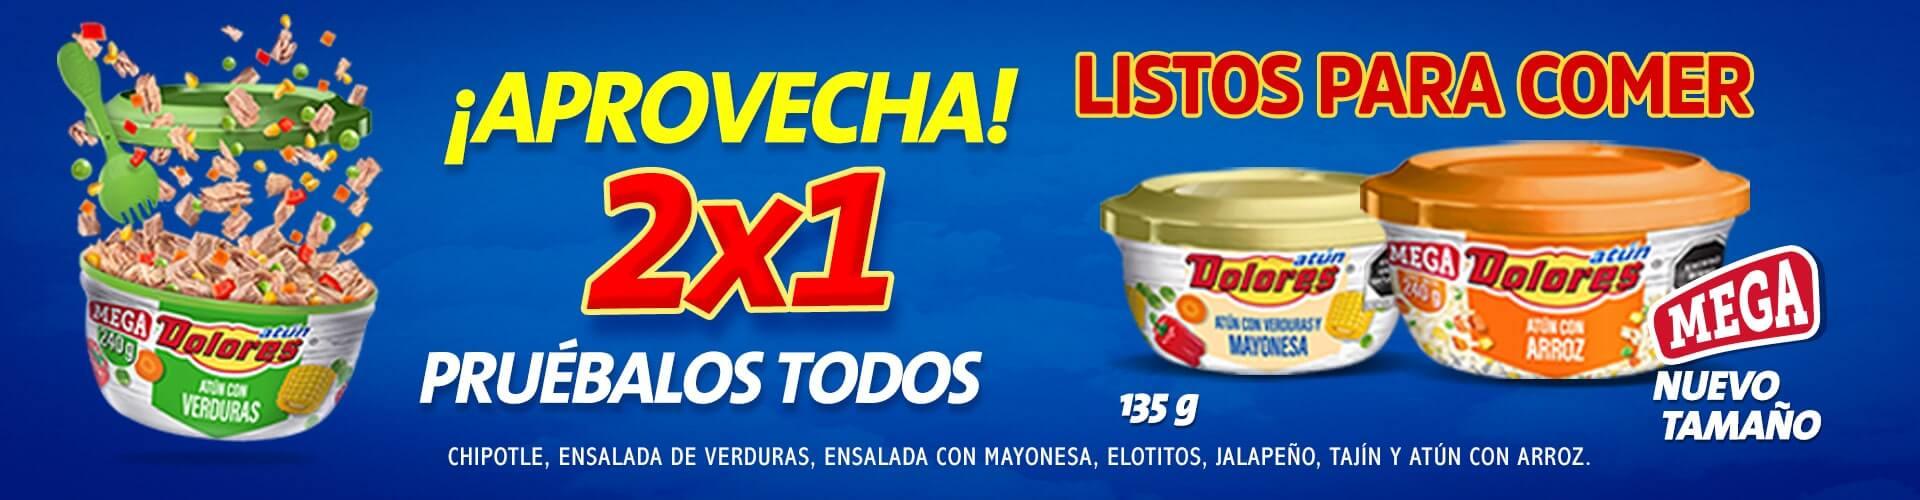 OXXO Cupones Dolores P12 2020